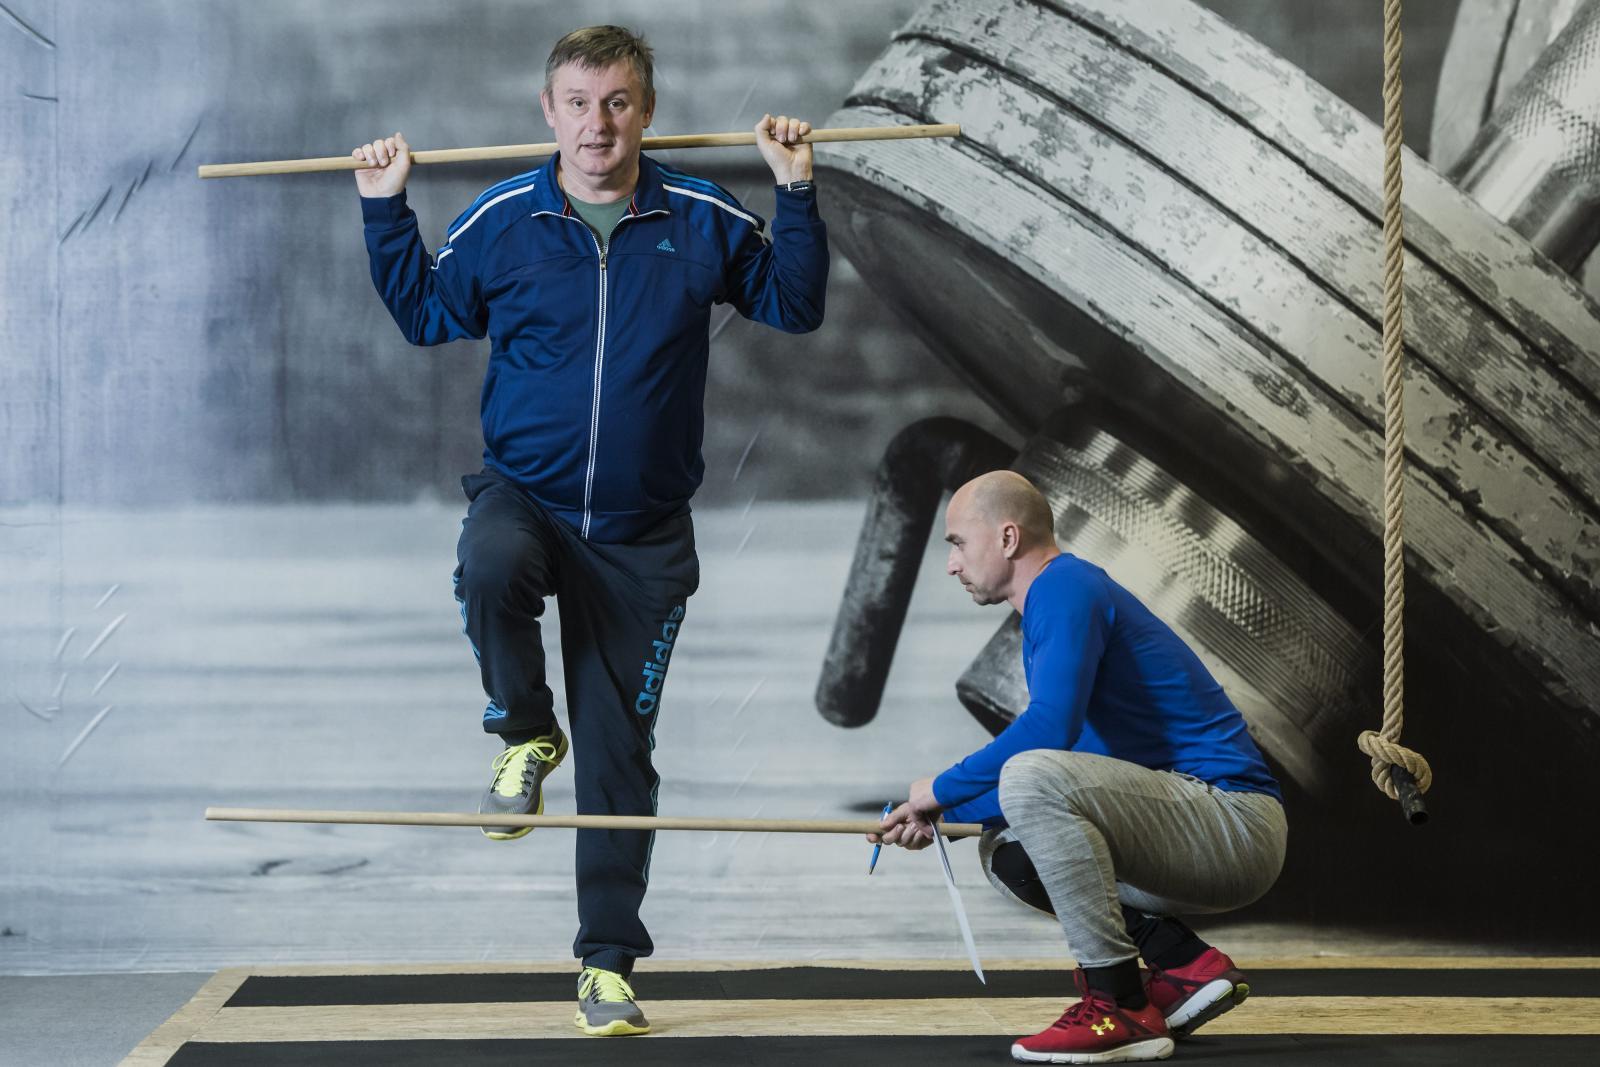 'U boljoj sam kondiciji, primjećujem da neke vježbe odrađujem lakše nego prethodnih mjeseci, od istezanja nogu do dizanja utega, veslanja na traci.'